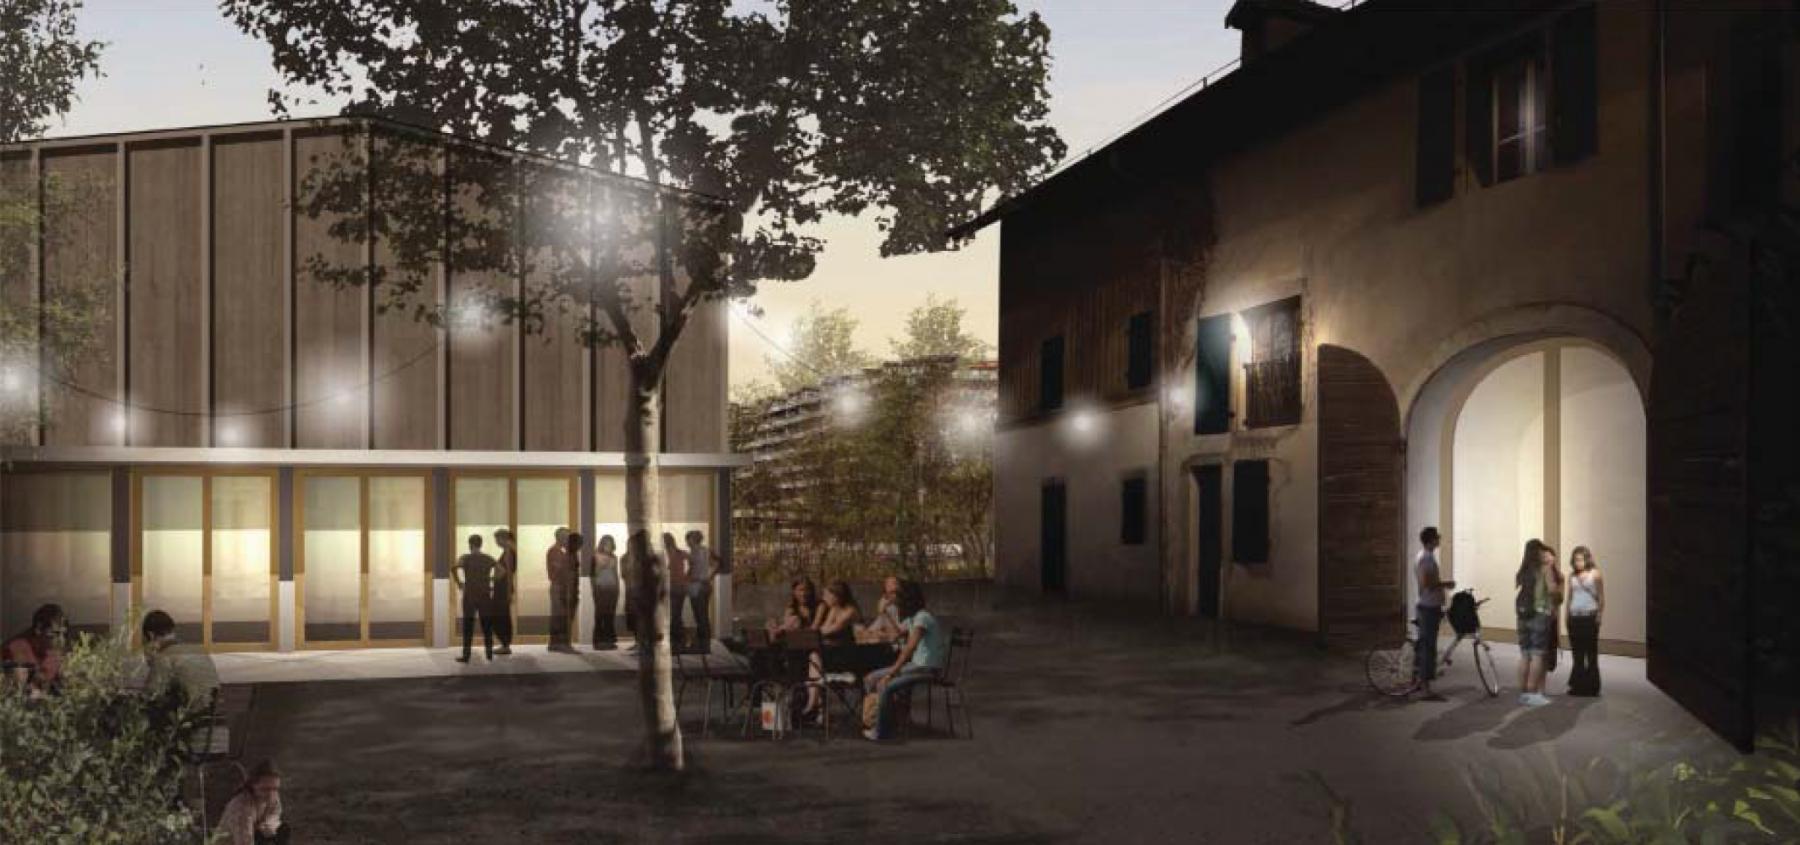 Maison de la famille, transformation et agrandissement de la Ferme du Pommier, Grand-Saconnex, NAZARIO BRANCA & ANDREA CALANCHINI ARCHITECTES, Cidre